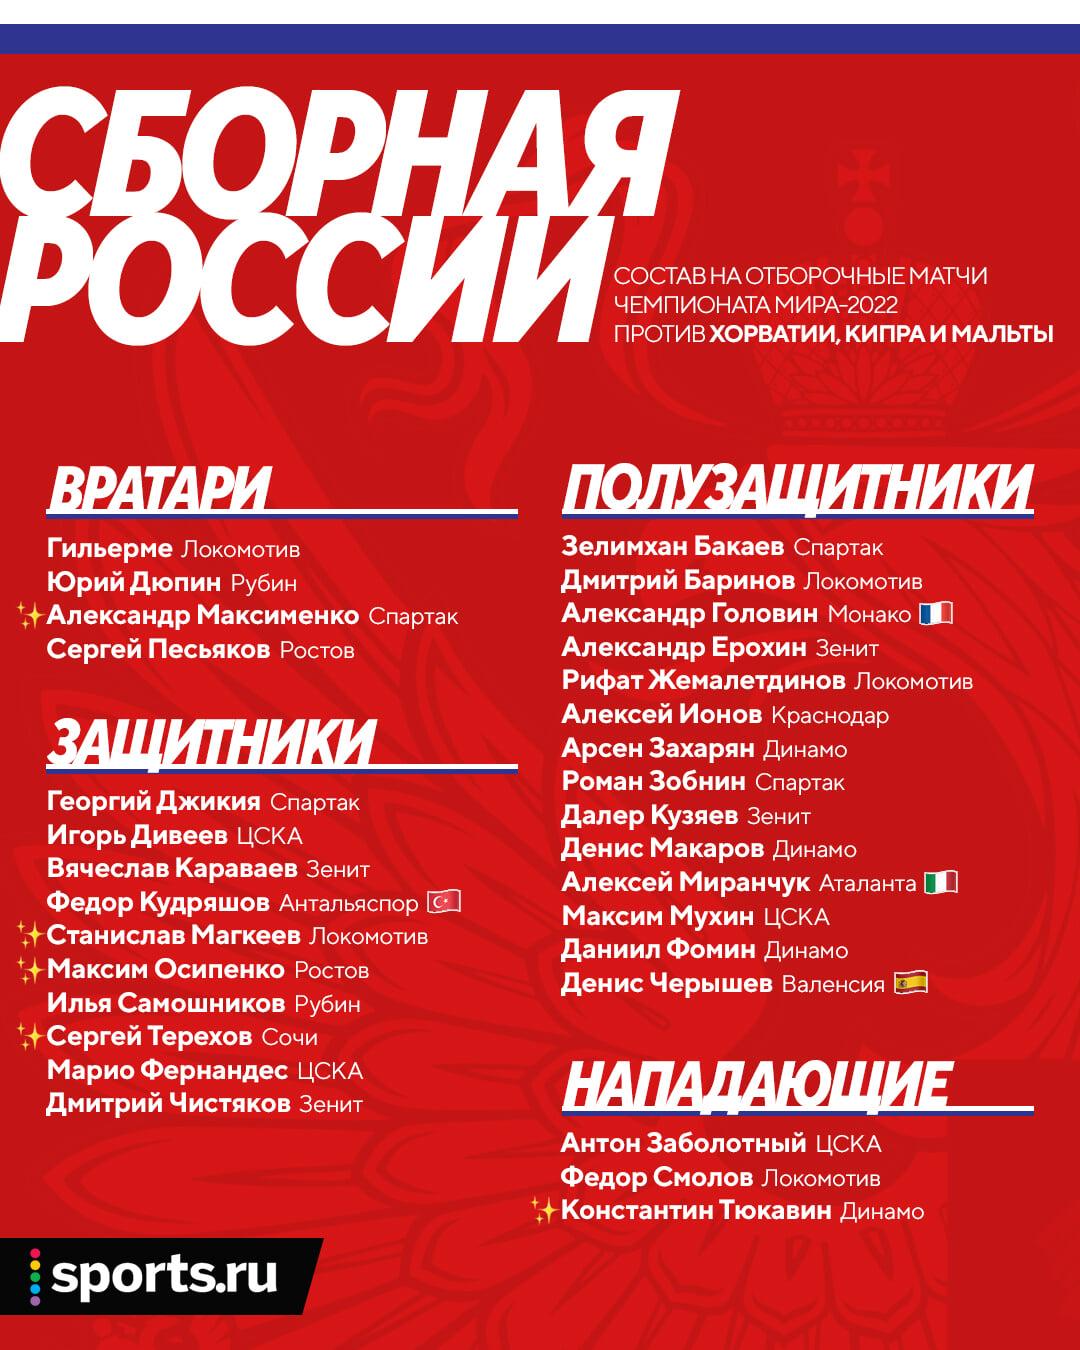 Новички сборной России: Песьяков – лучший по игре ногами (по версии Карпина), Магкеев с Тереховым – универсалы, а Осипенко лучше понимает требования